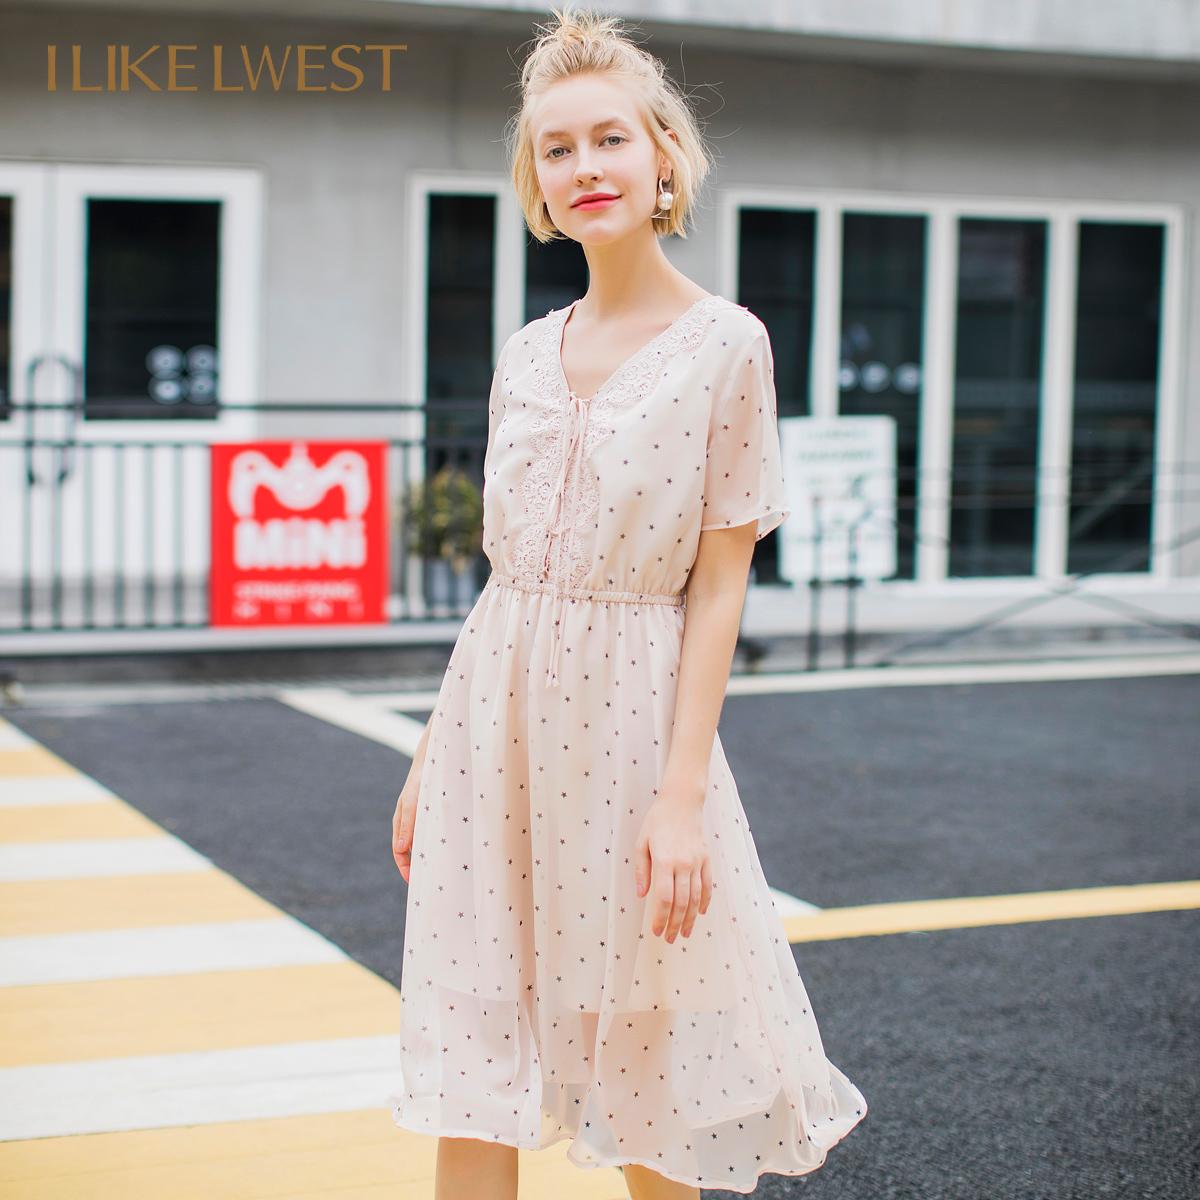 朗文斯汀2018夏新款�厝嵯膳�裙v�I波�c雪��B衣裙短裙OL8209070